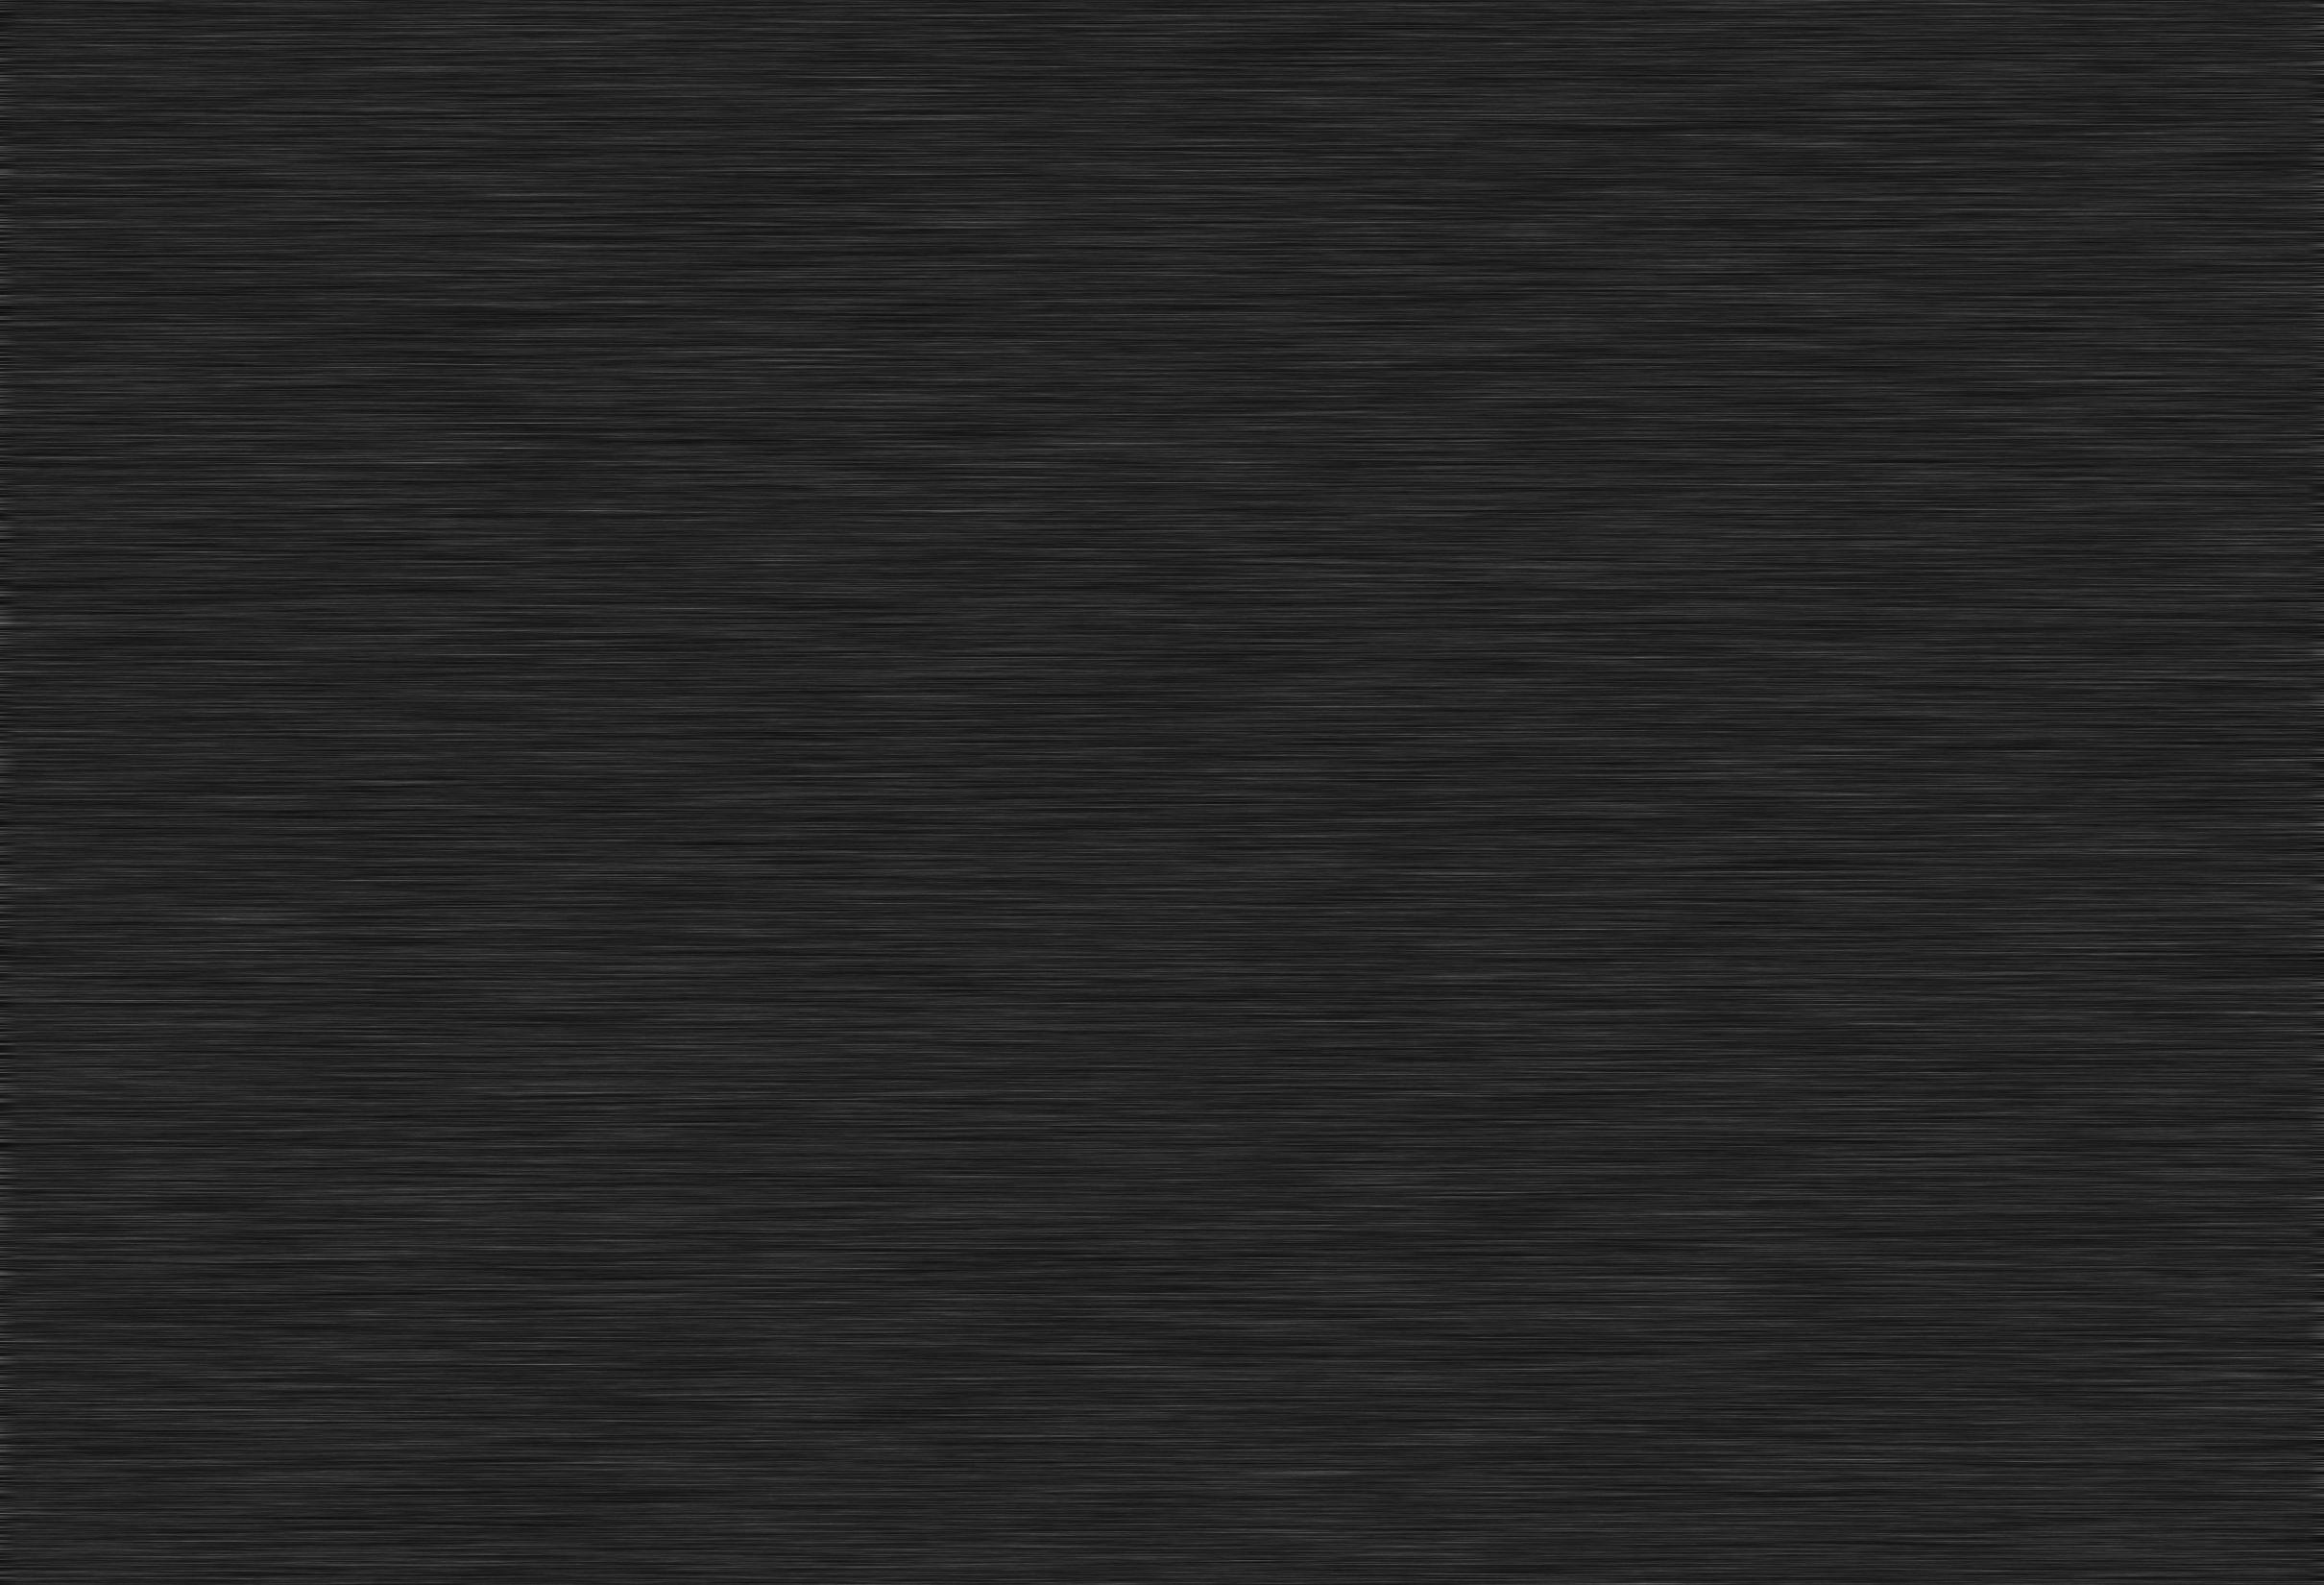 74+] Black Metal Background on WallpaperSafari